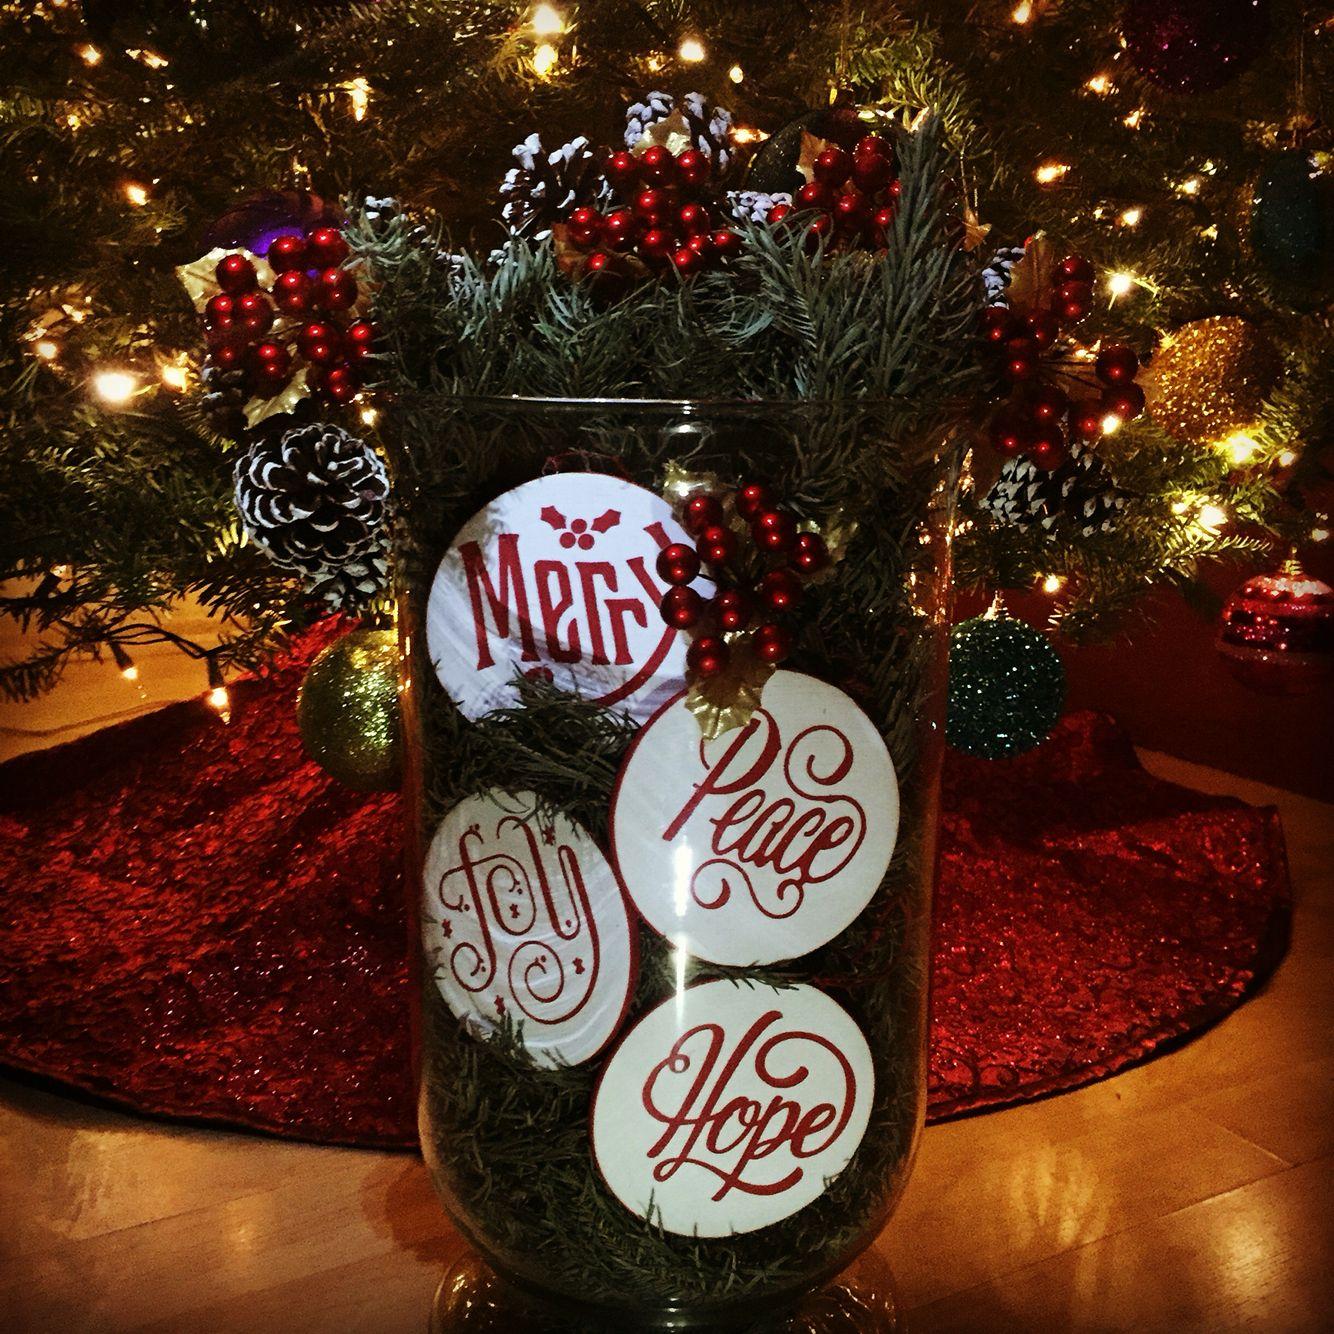 @crateandbarrel ornaments from last year ❤️